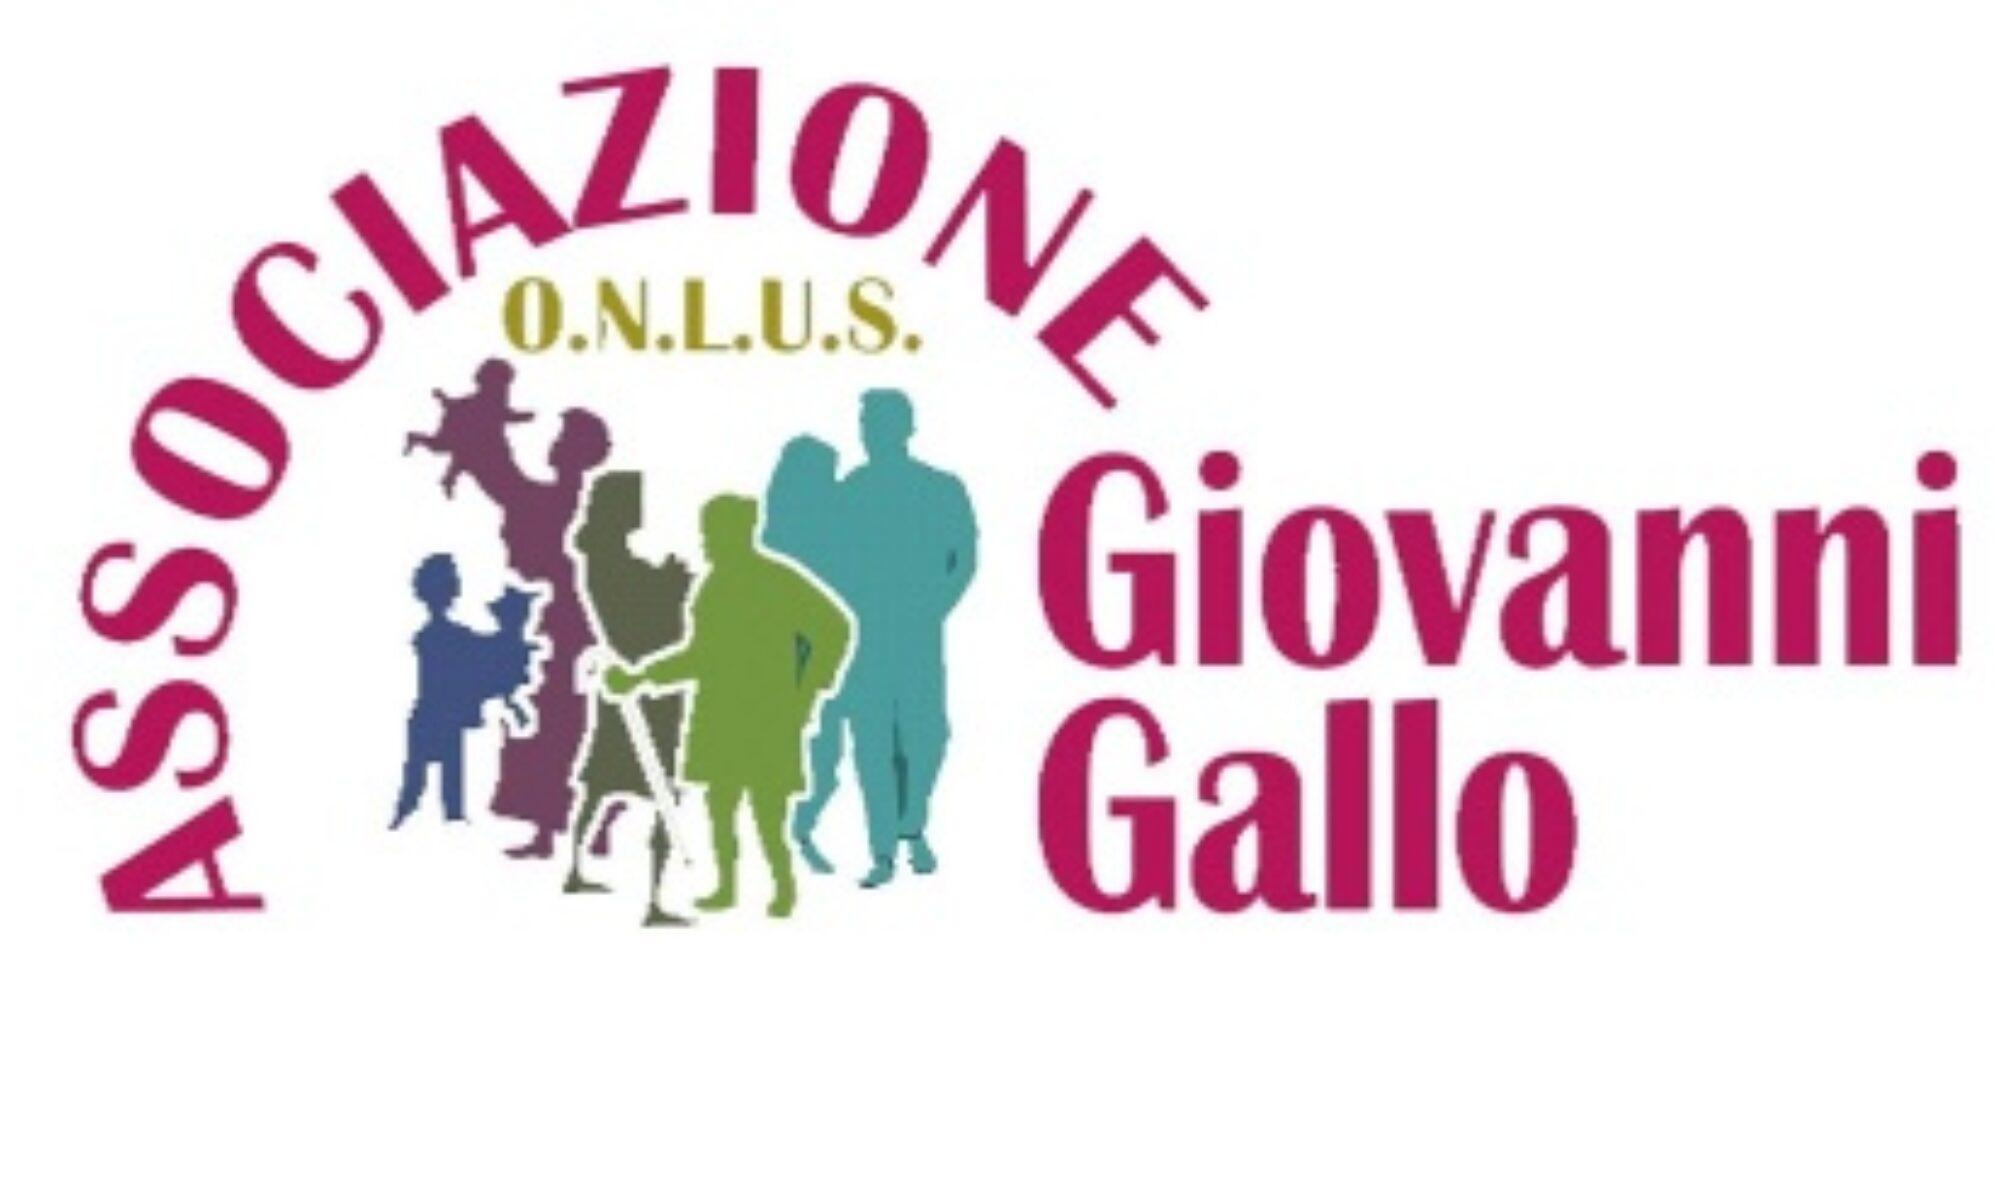 Associazione O.N.L.U.S. Giovanni Gallo